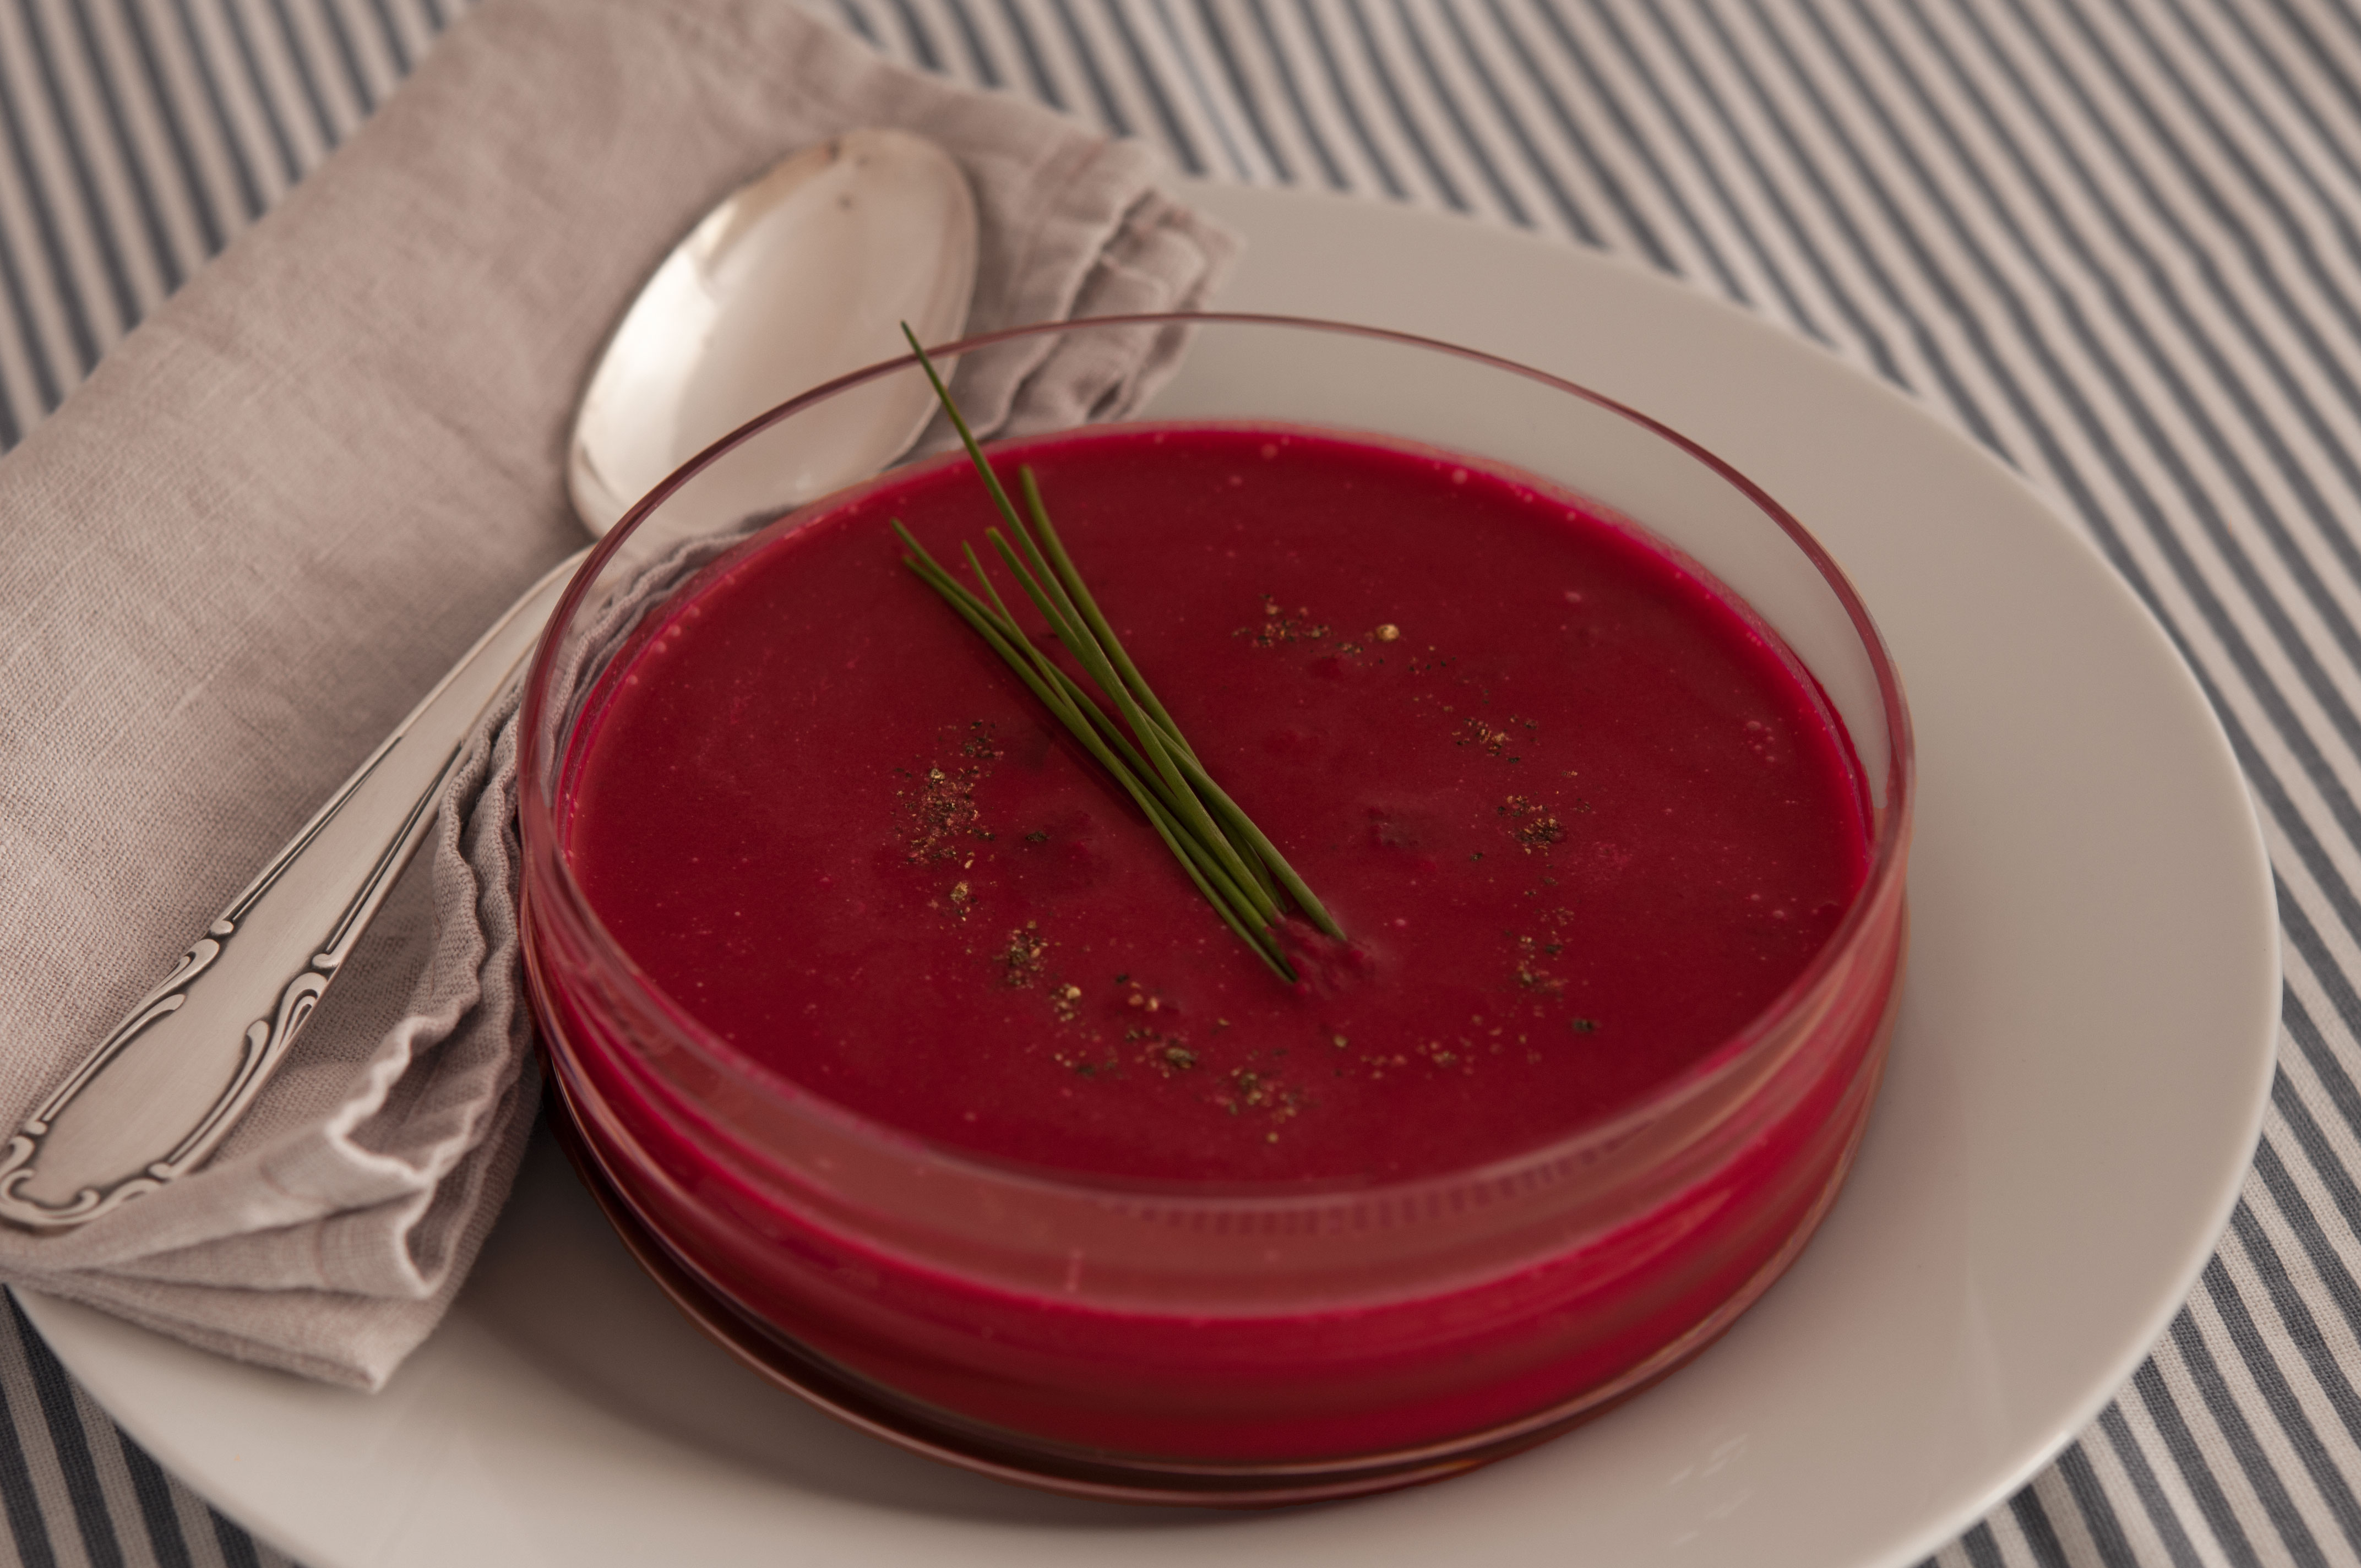 natürliche essen | Rote Beete Suppe |Lars Brouwers & Torsten Fleischer